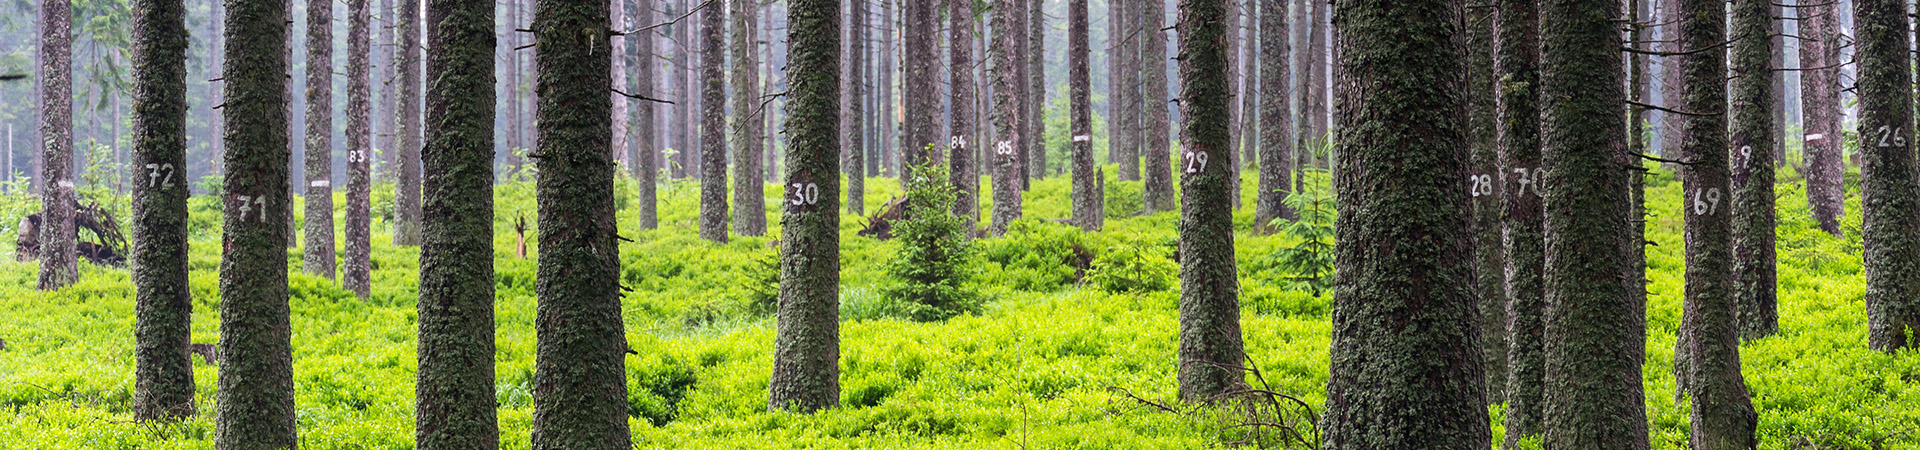 inventerings nummer på träd, mossa och blåbärsris täcker marken.